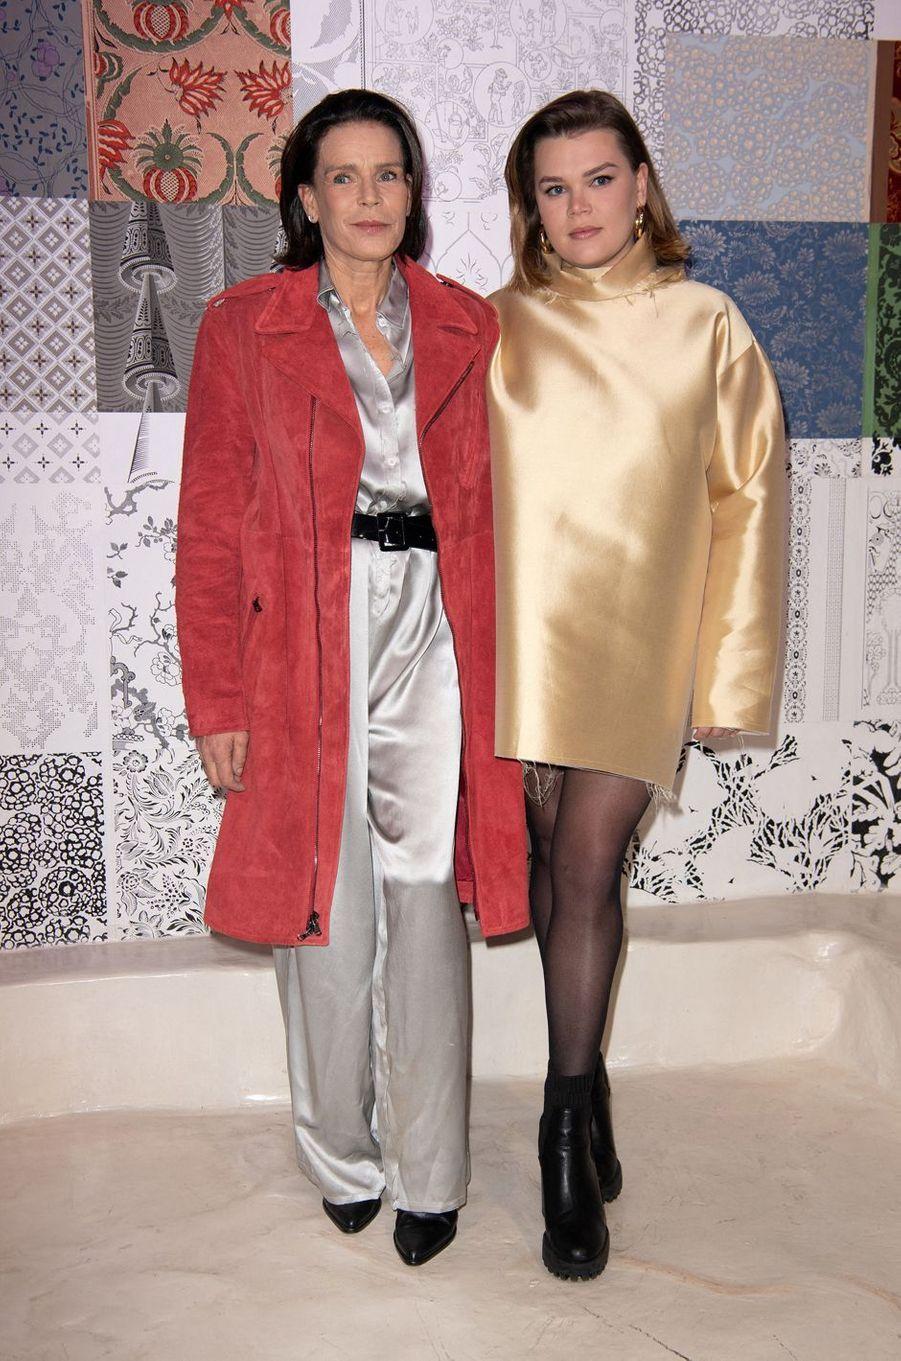 La princesse Stéphanie de Monaco et sa plus jeune fille Camille Gottlieb à Paris, le 26 février 2020